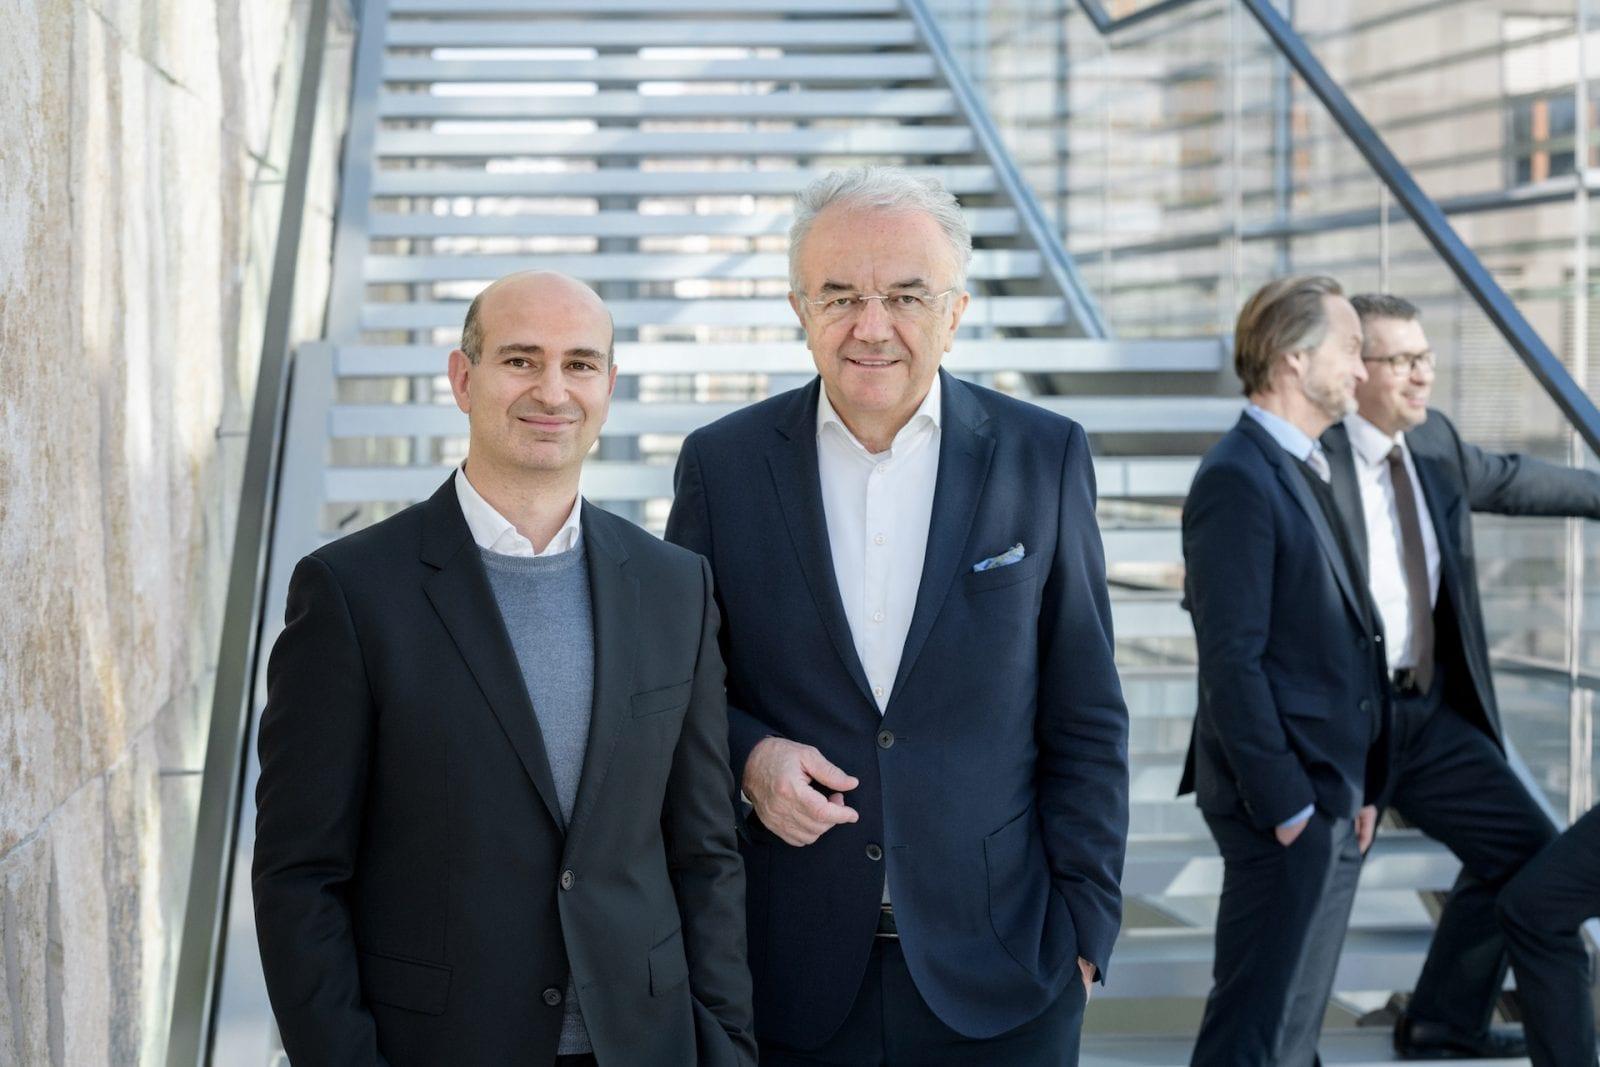 Prof. Dr. Lucio Blandini ist Nachfolger von Werner Sobek am ILEK und seit vielen Jahren in leitender Position in der Werner Sobek AG tätig. (Foto: René Müller)